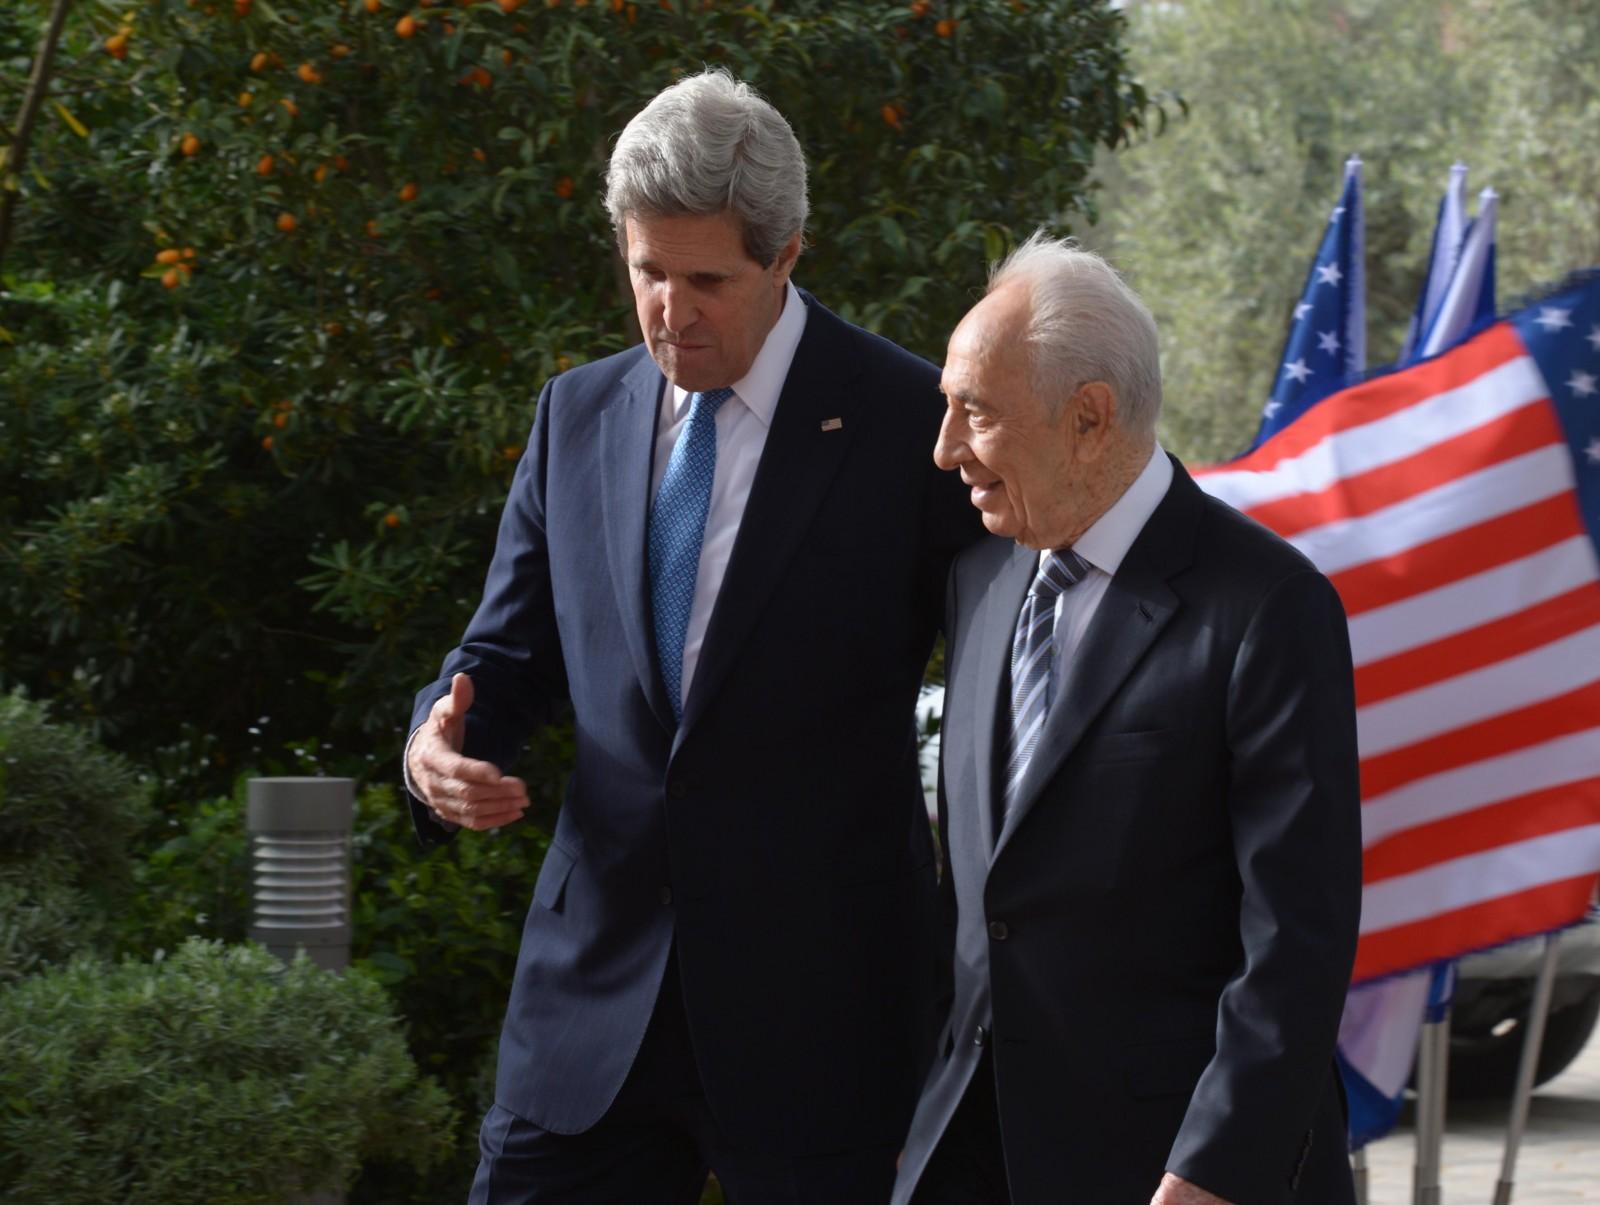 """נשיא המדינה שמעון פרס עם מזכיר המדינה האמריקאי ג'ון קרי, אתמול. צילום: מארק ניימן, לע""""מ"""